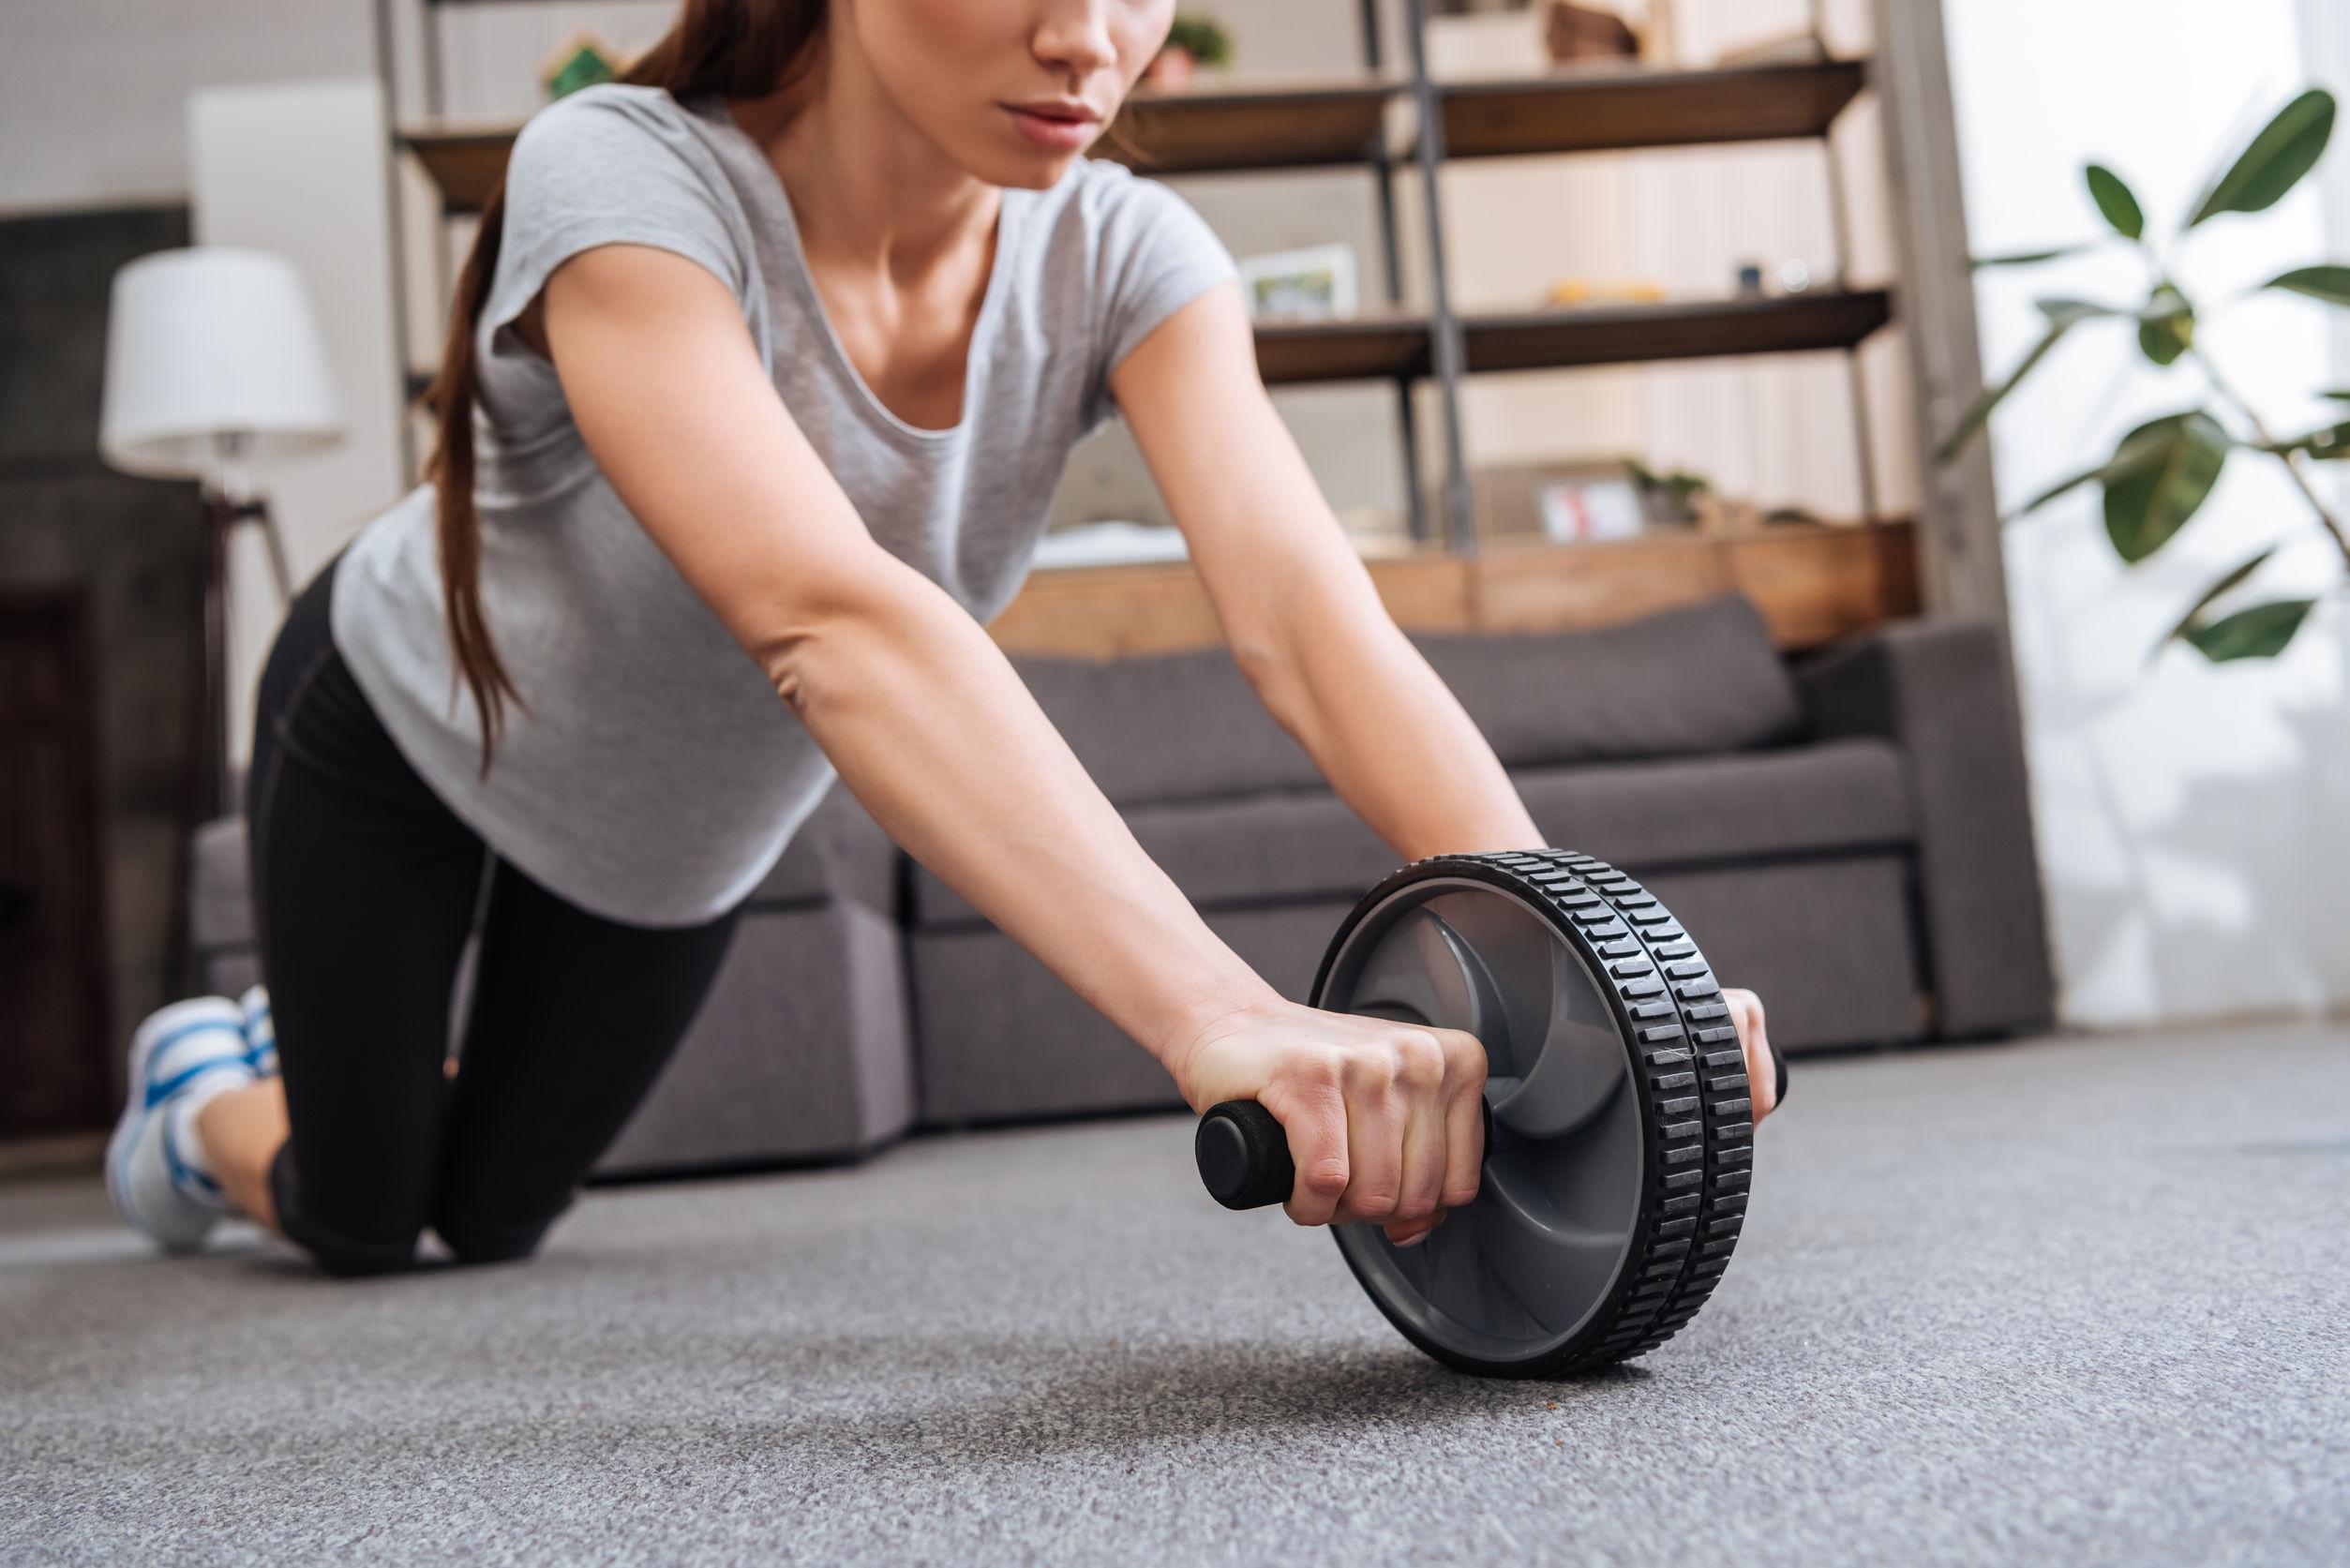 Foto de uma mulher em uma academia realizando um exercício para abdominais com uma roda abdominal